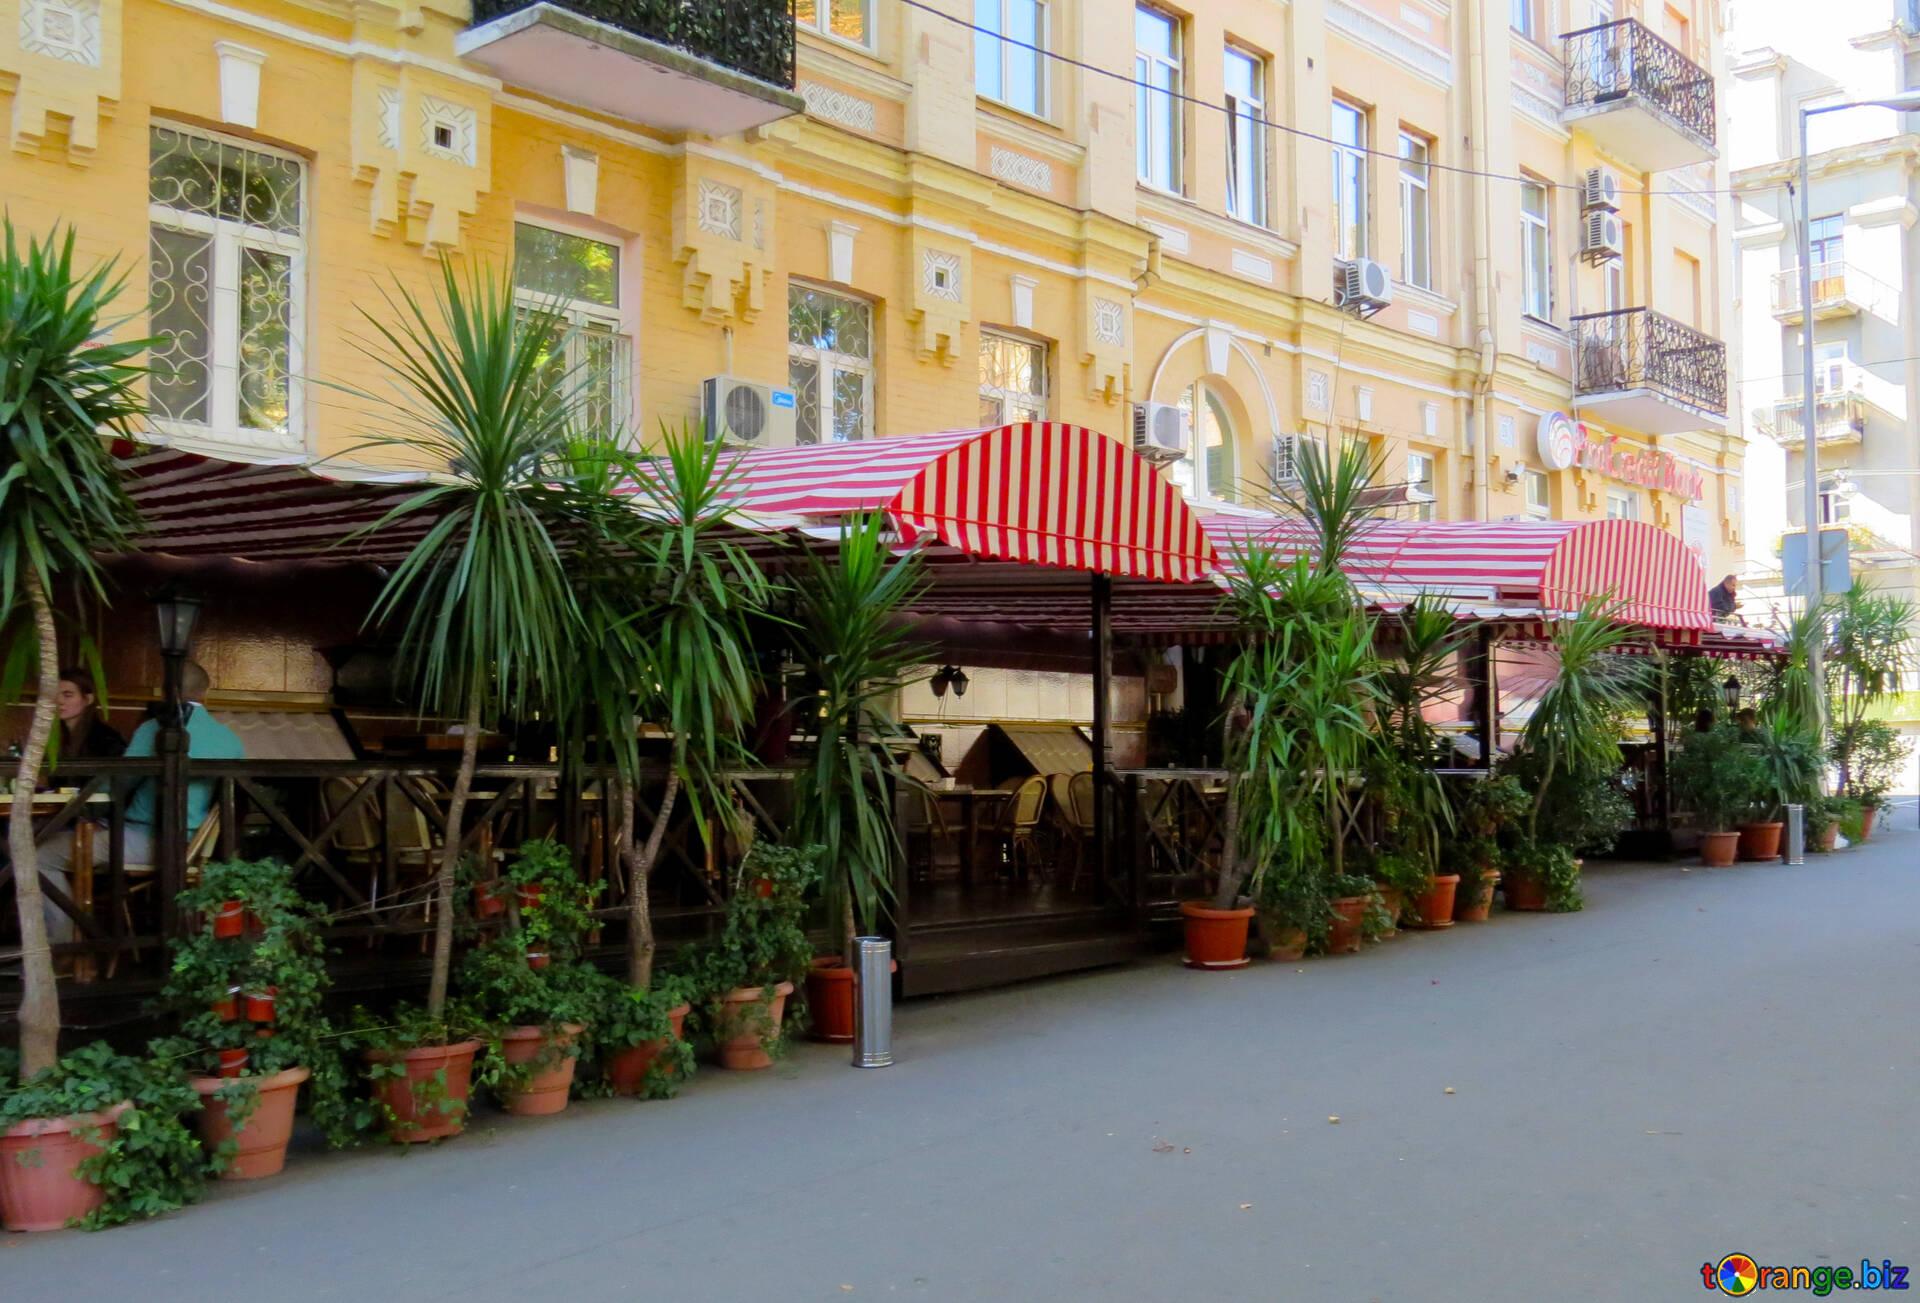 Kiev Architettura Terrazza Estiva Ristorante Mobilia 41010